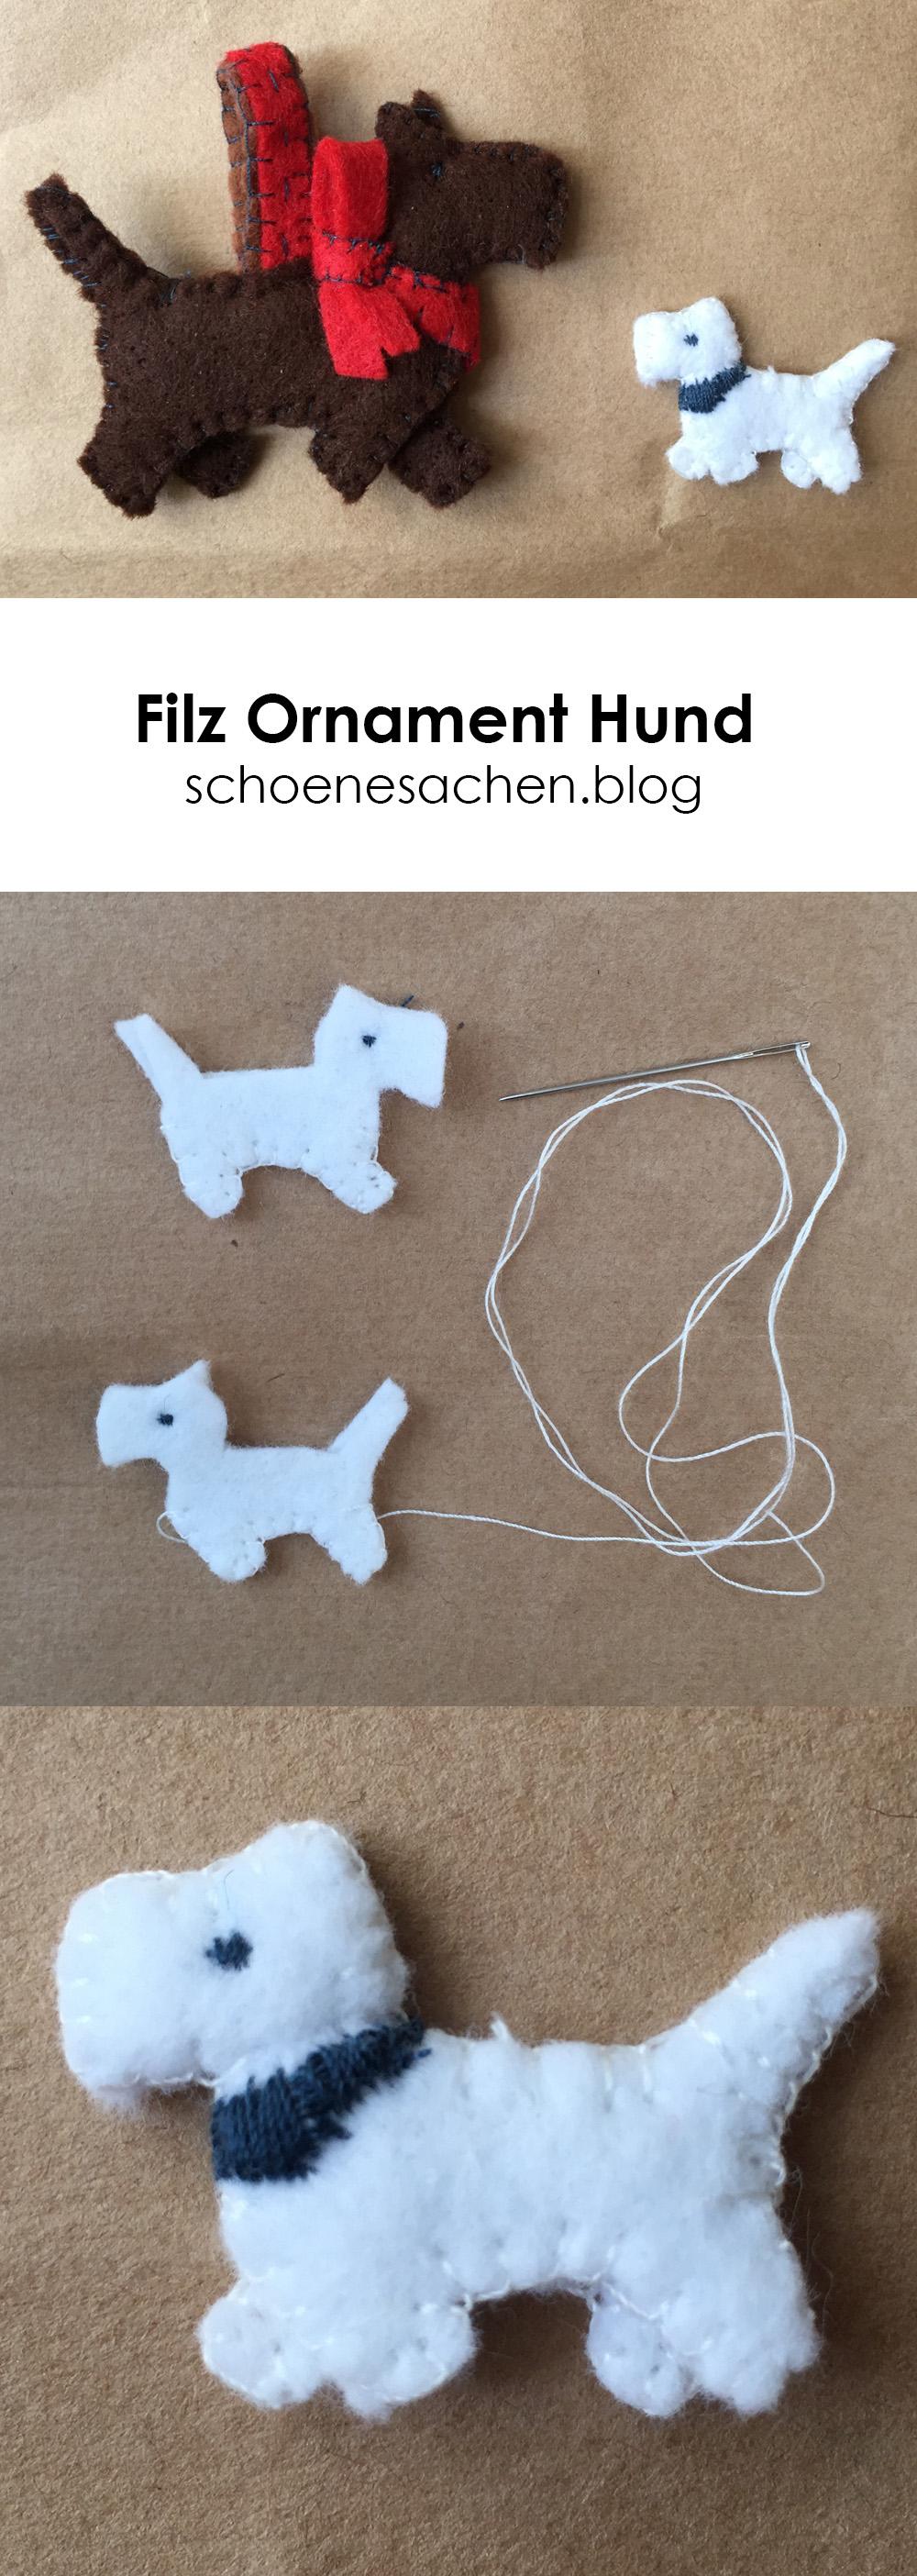 Anleitung kleiner Hund aus Filz, Geschenke aus Stoffresten, nähen mit der Hand, einfache Nähanleitung für Filz Ornament,